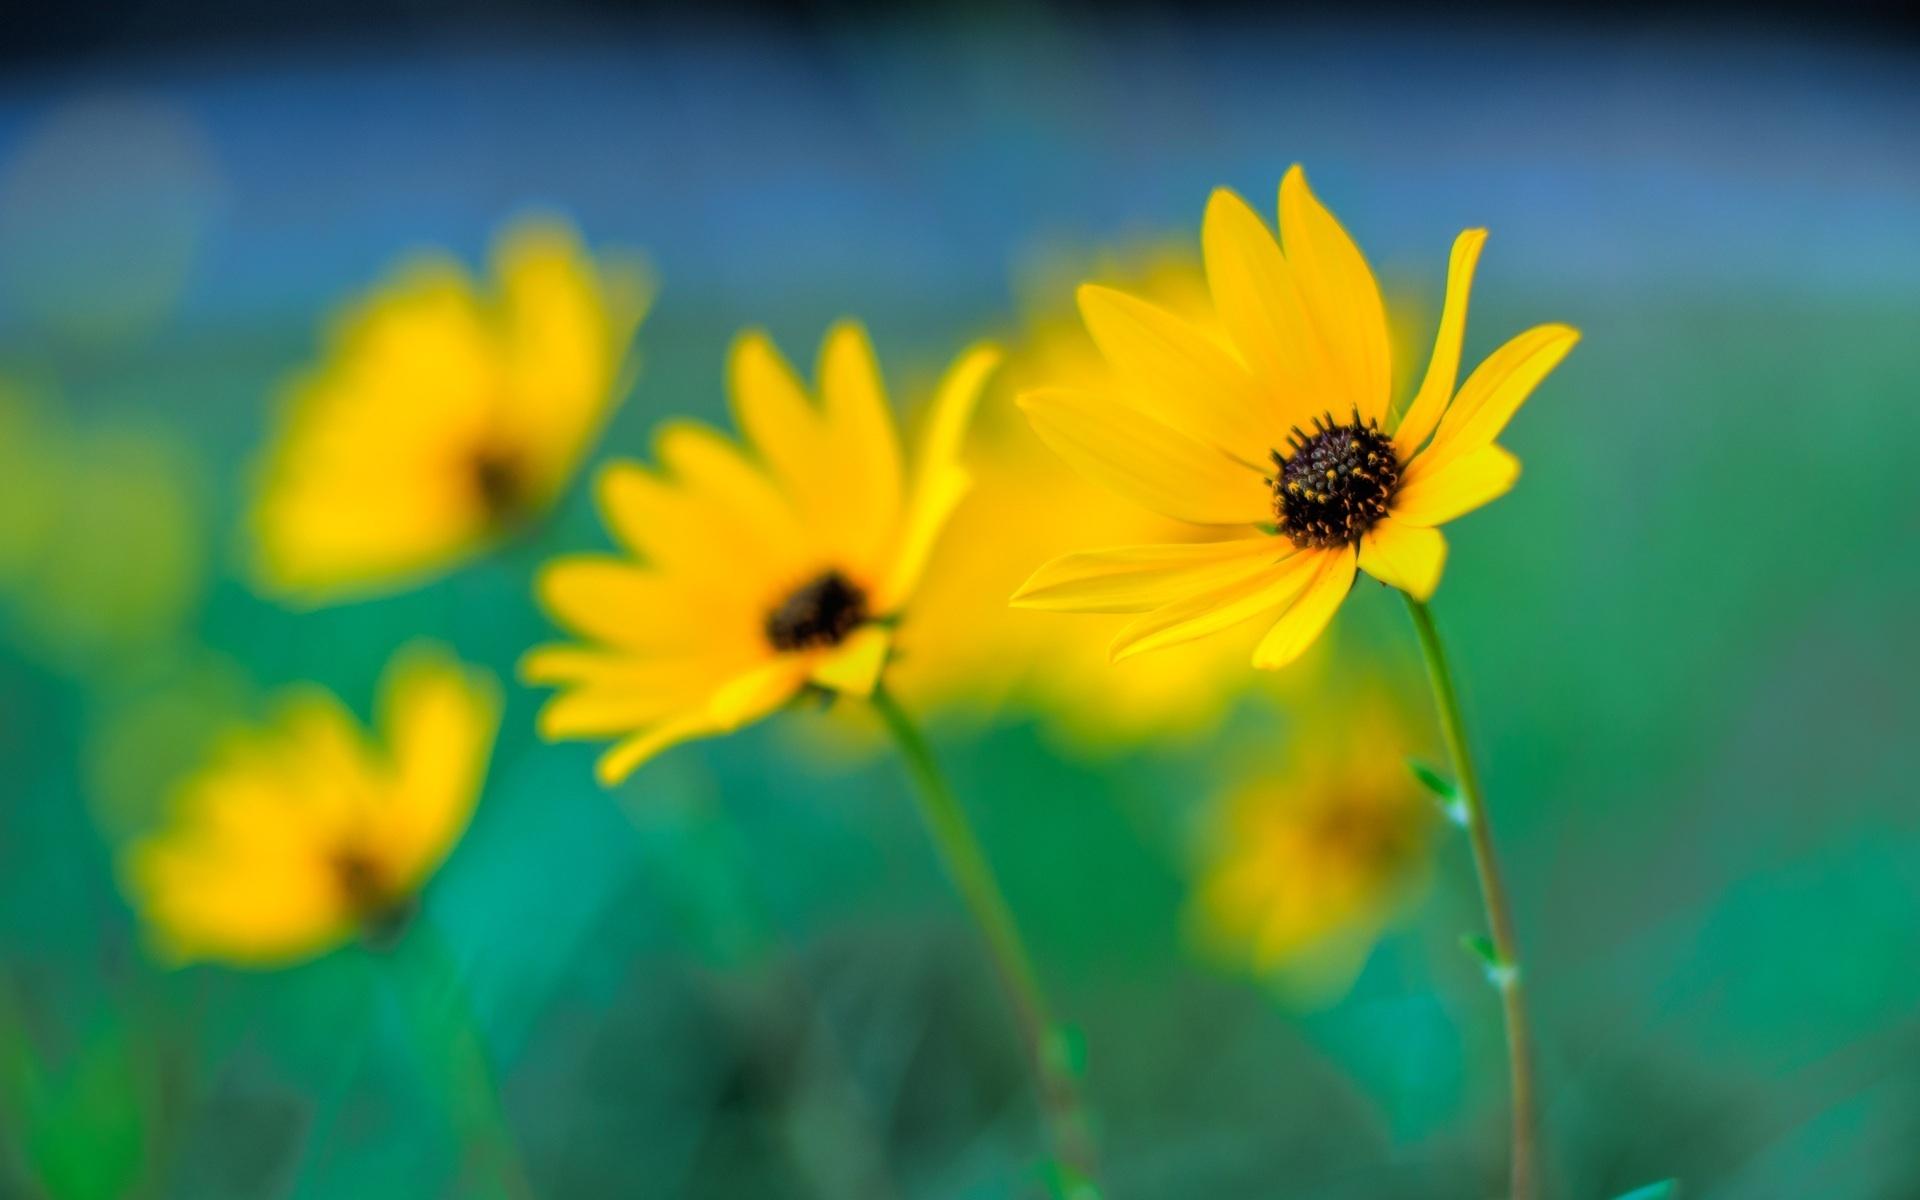 Желтые ромашки цветы желтые цветы размытость  № 3830989 загрузить